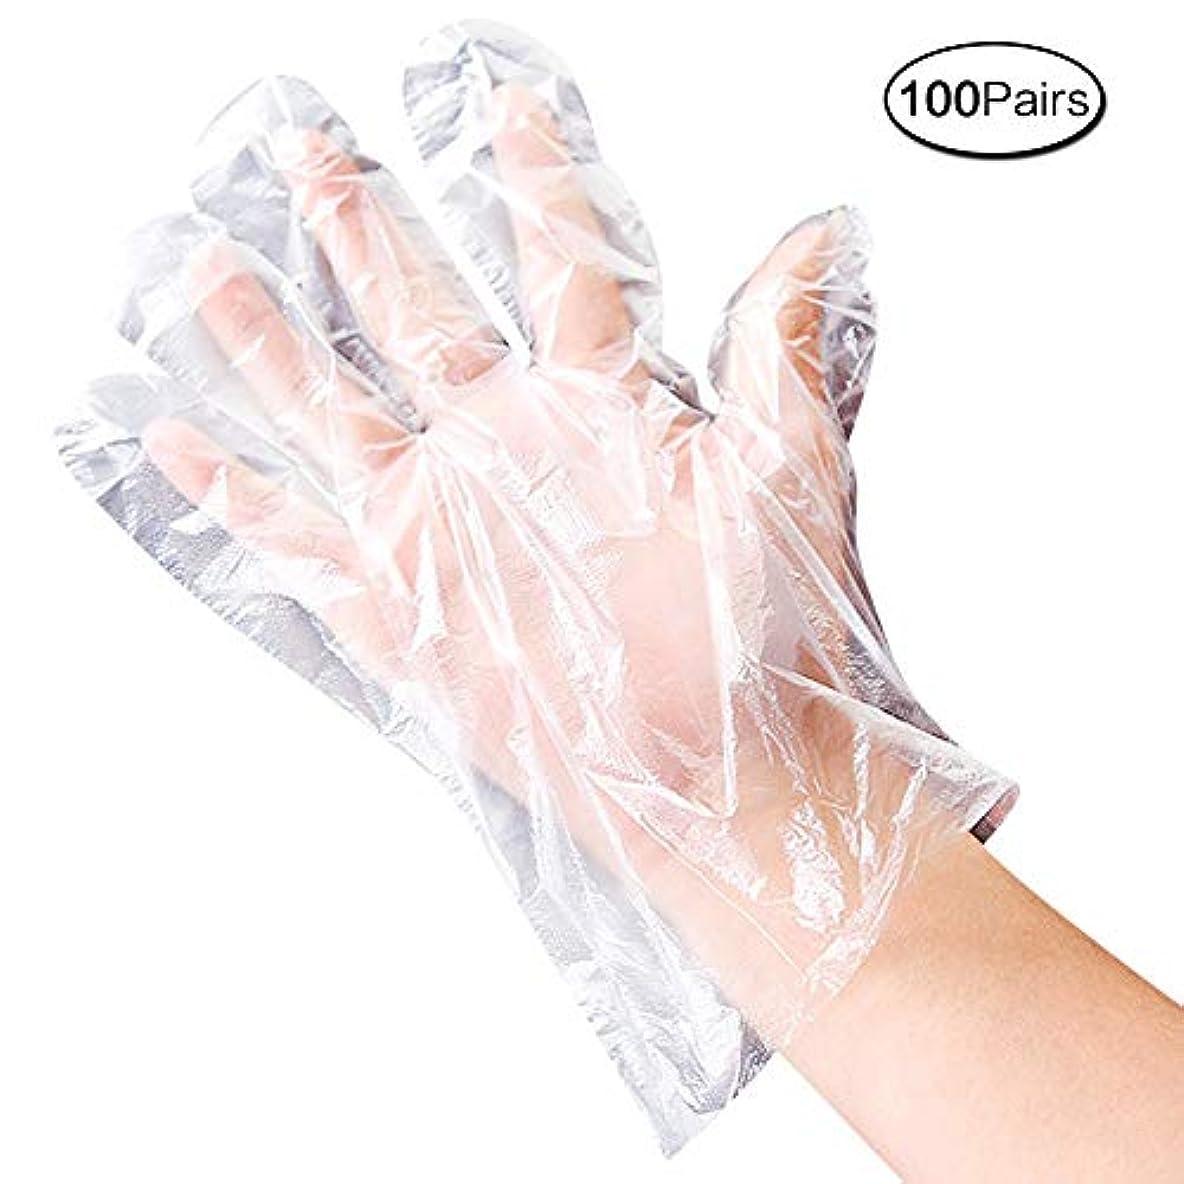 羊のペパーミント病んでいる使い捨て手袋 極薄ビニール手袋 ポリエチレン 透明 実用 衛生 100枚*2セット